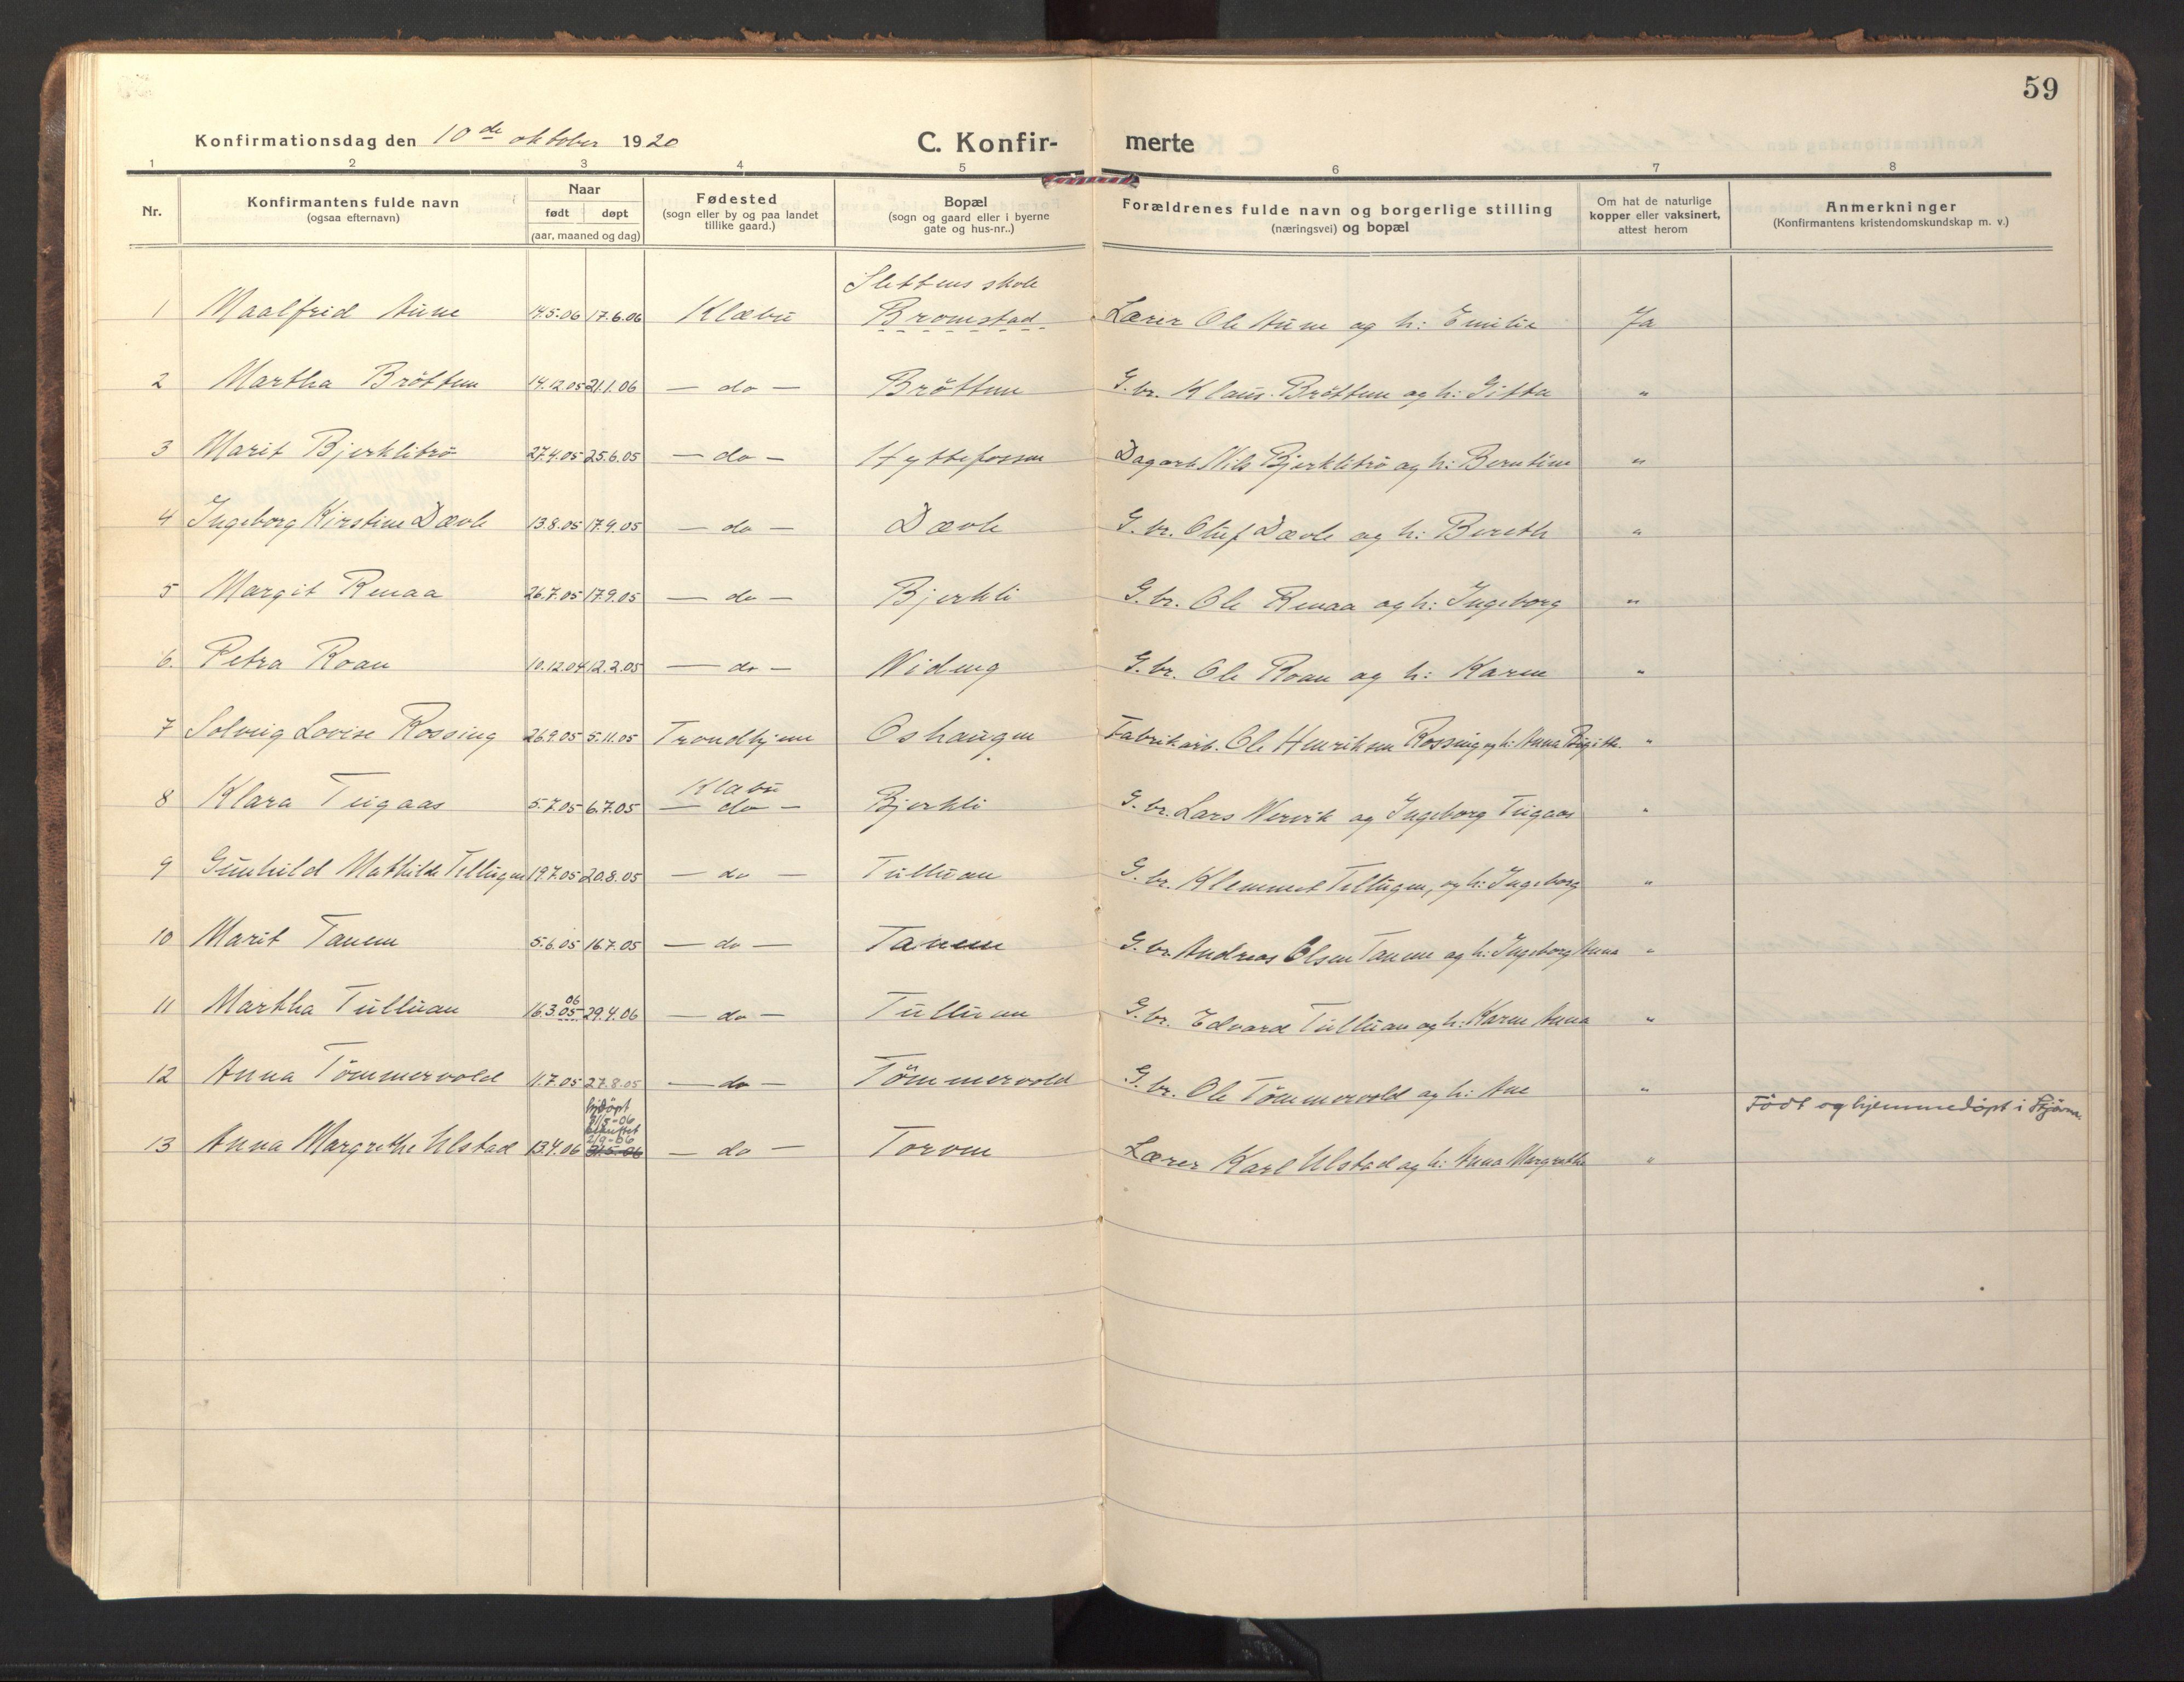 SAT, Ministerialprotokoller, klokkerbøker og fødselsregistre - Sør-Trøndelag, 618/L0449: Ministerialbok nr. 618A12, 1917-1924, s. 59